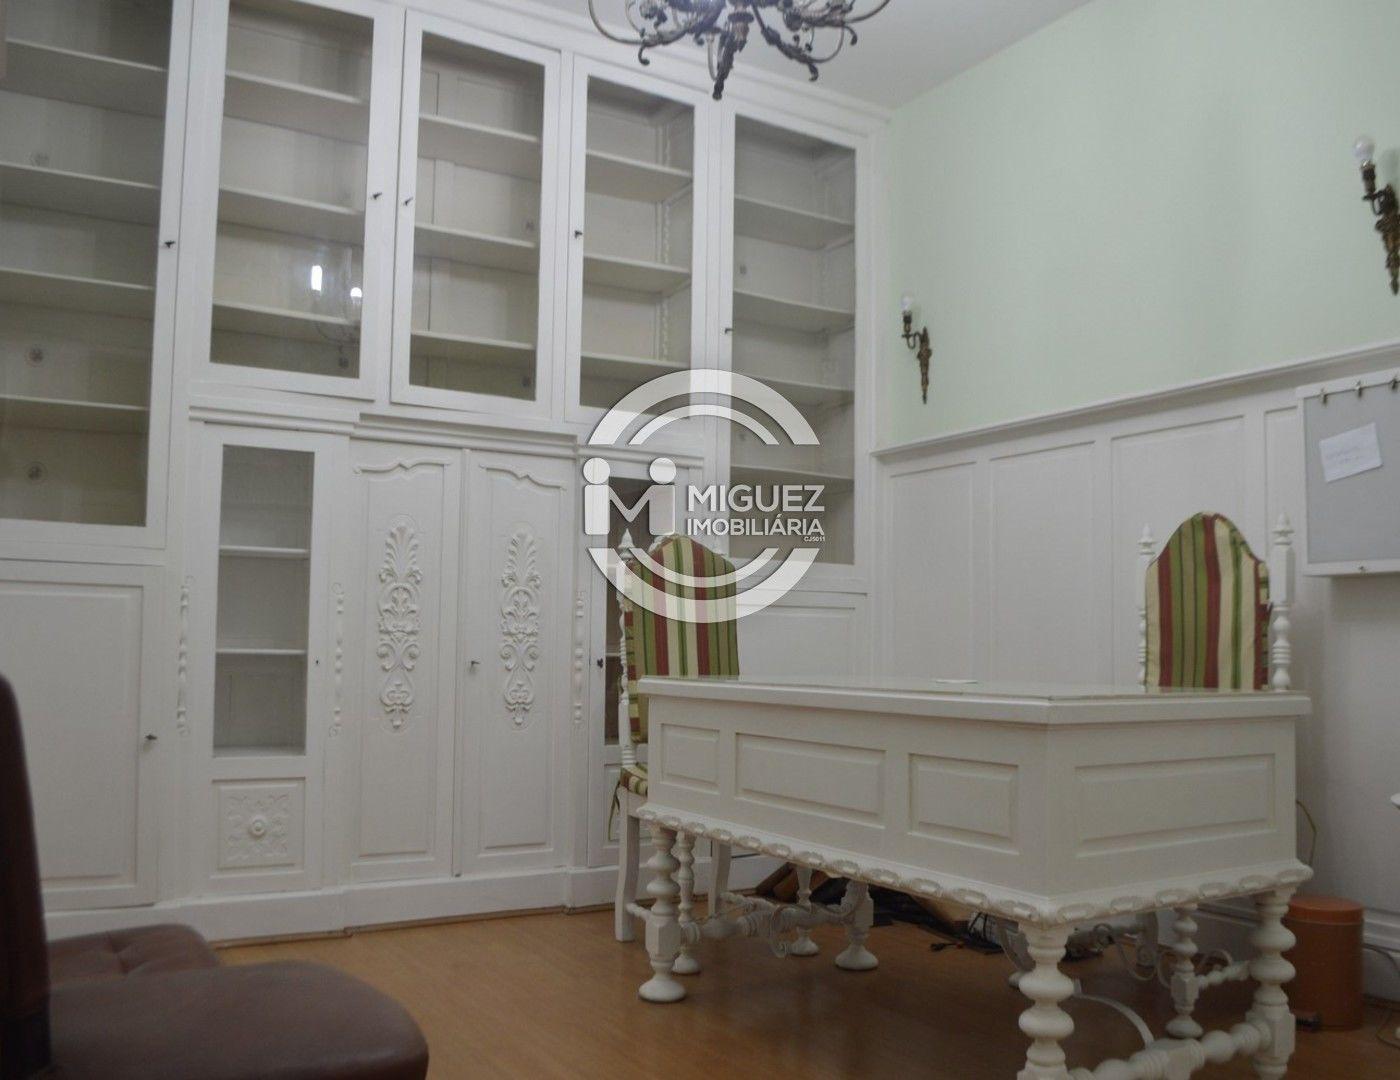 Sala, aluguel, Avenida Rio Branco - Centro , Rio de janeiro